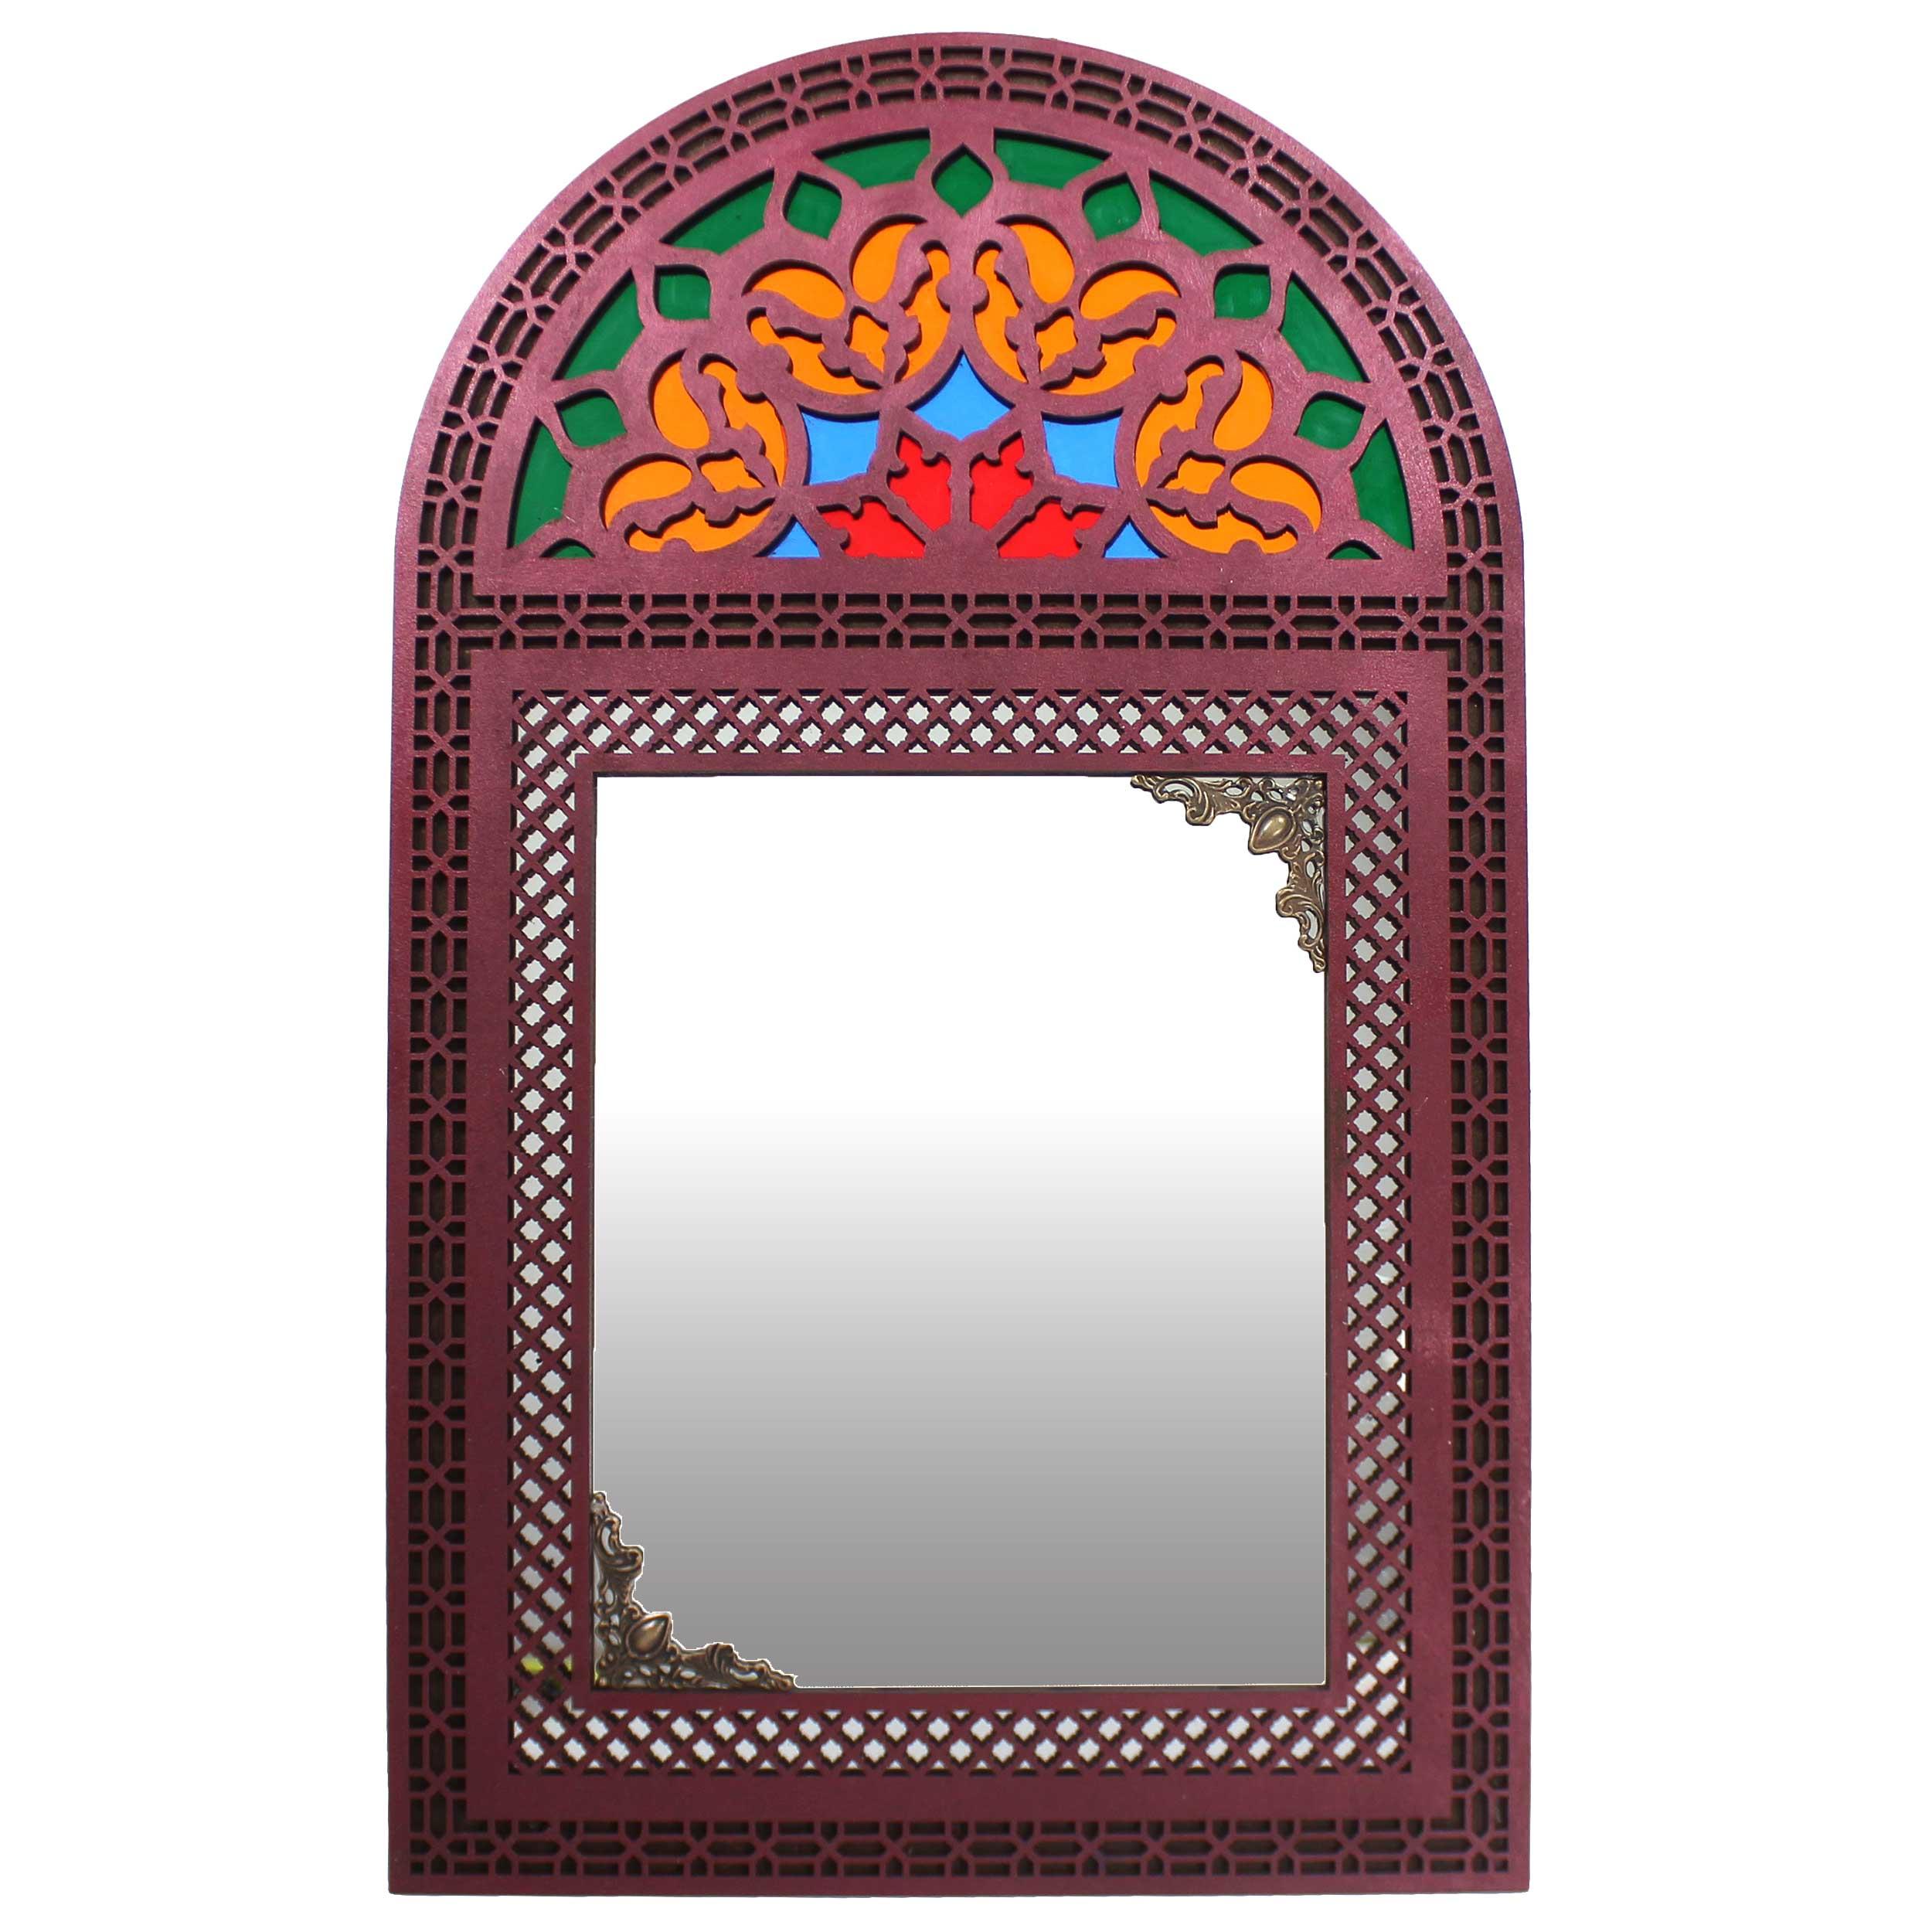 آینه دست نگار مدل پنجره سنتی کد 39.5